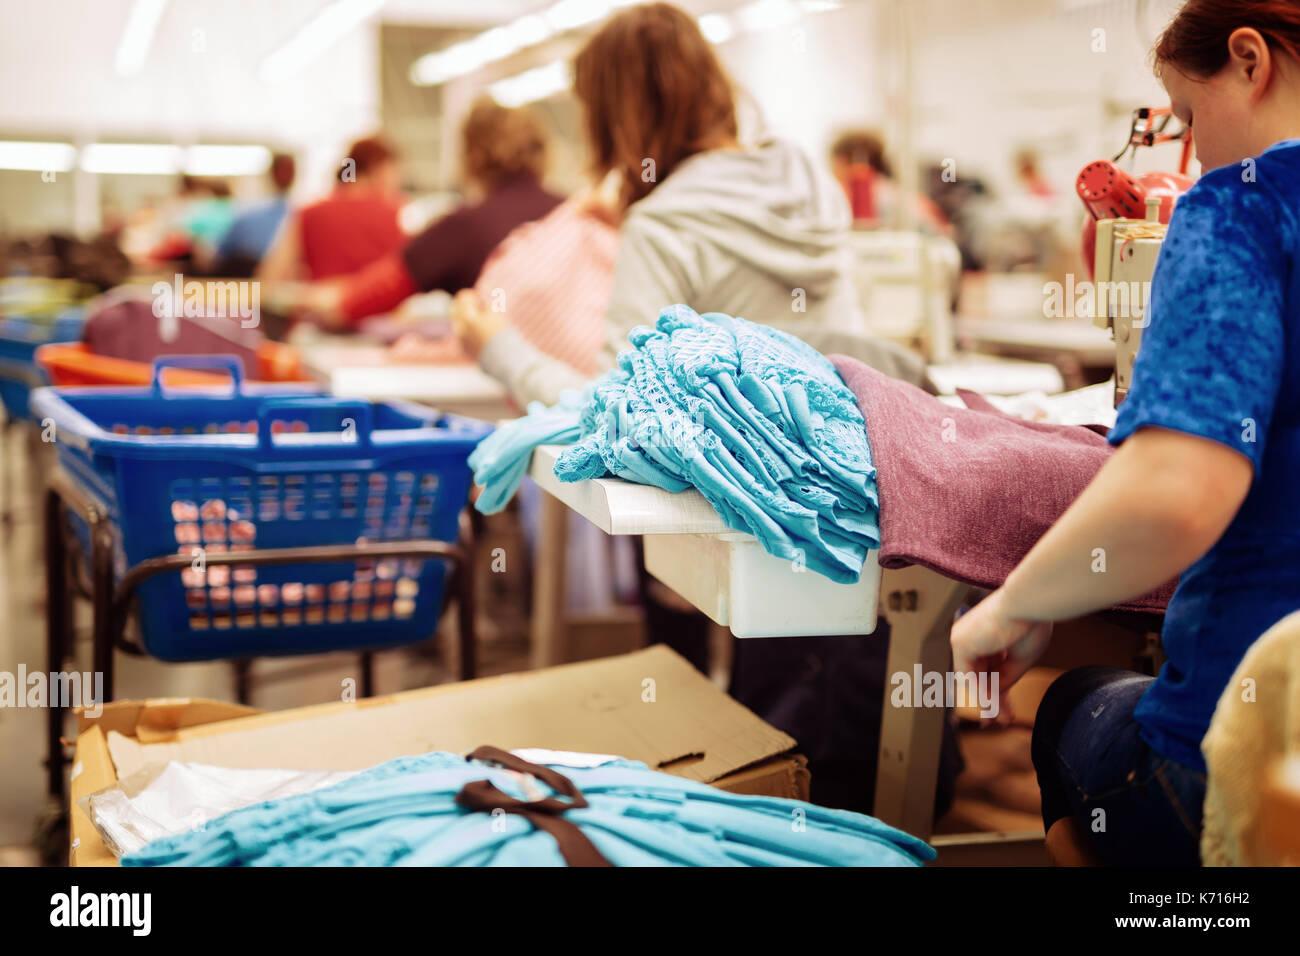 Tessuto e industria tessile Immagini Stock